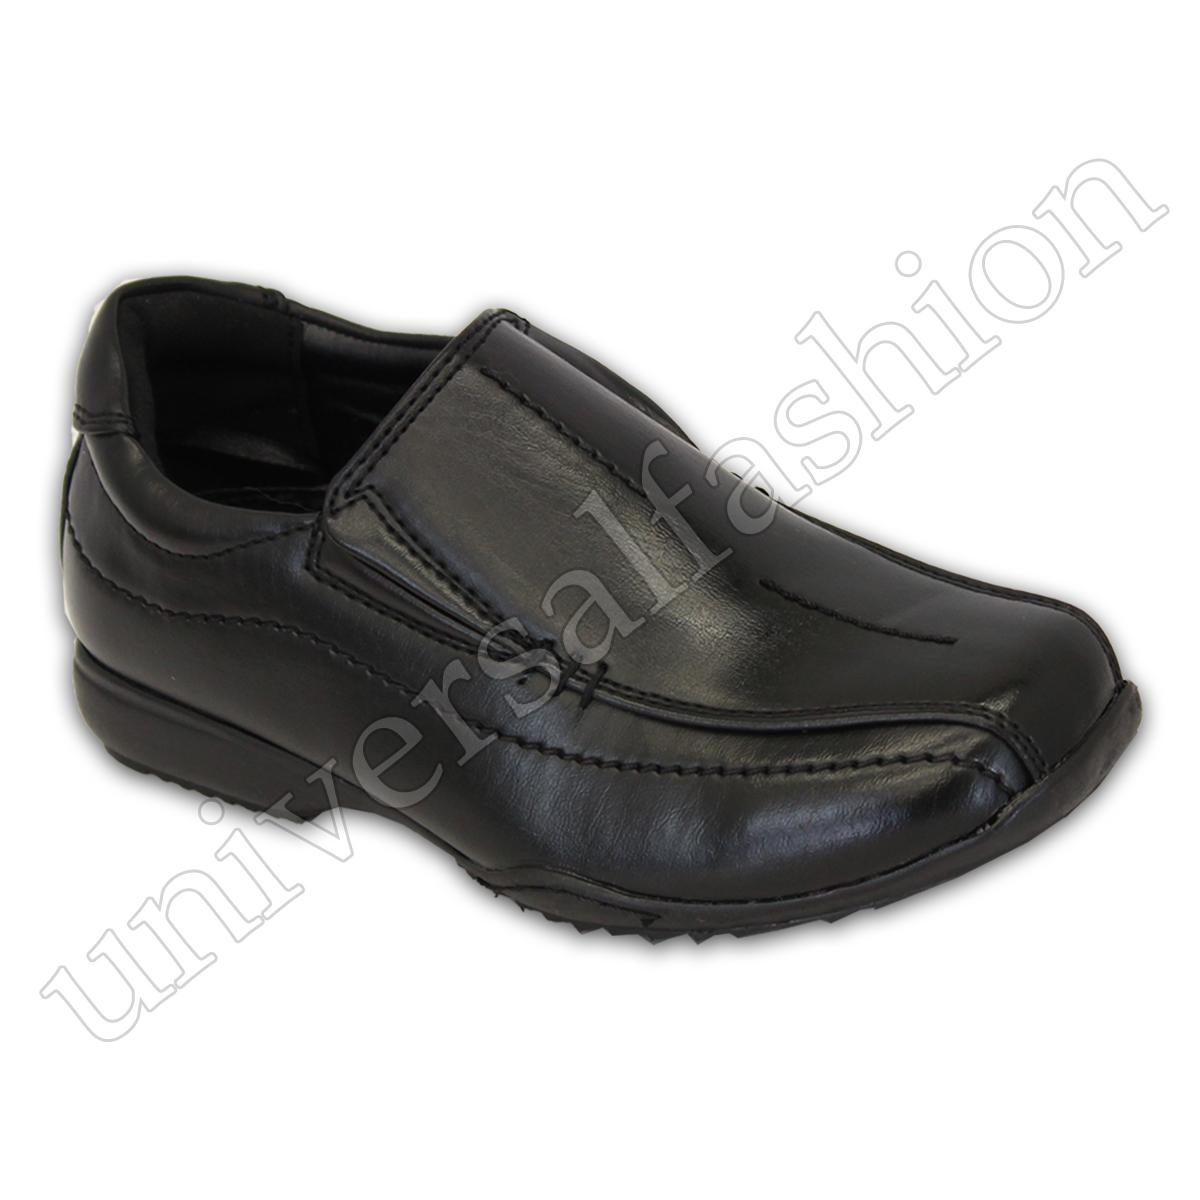 De Mocasines Zapatos Negros Niño Elegante Los Vestir Pequeños Detalles Niños Escuela otshQrBdxC